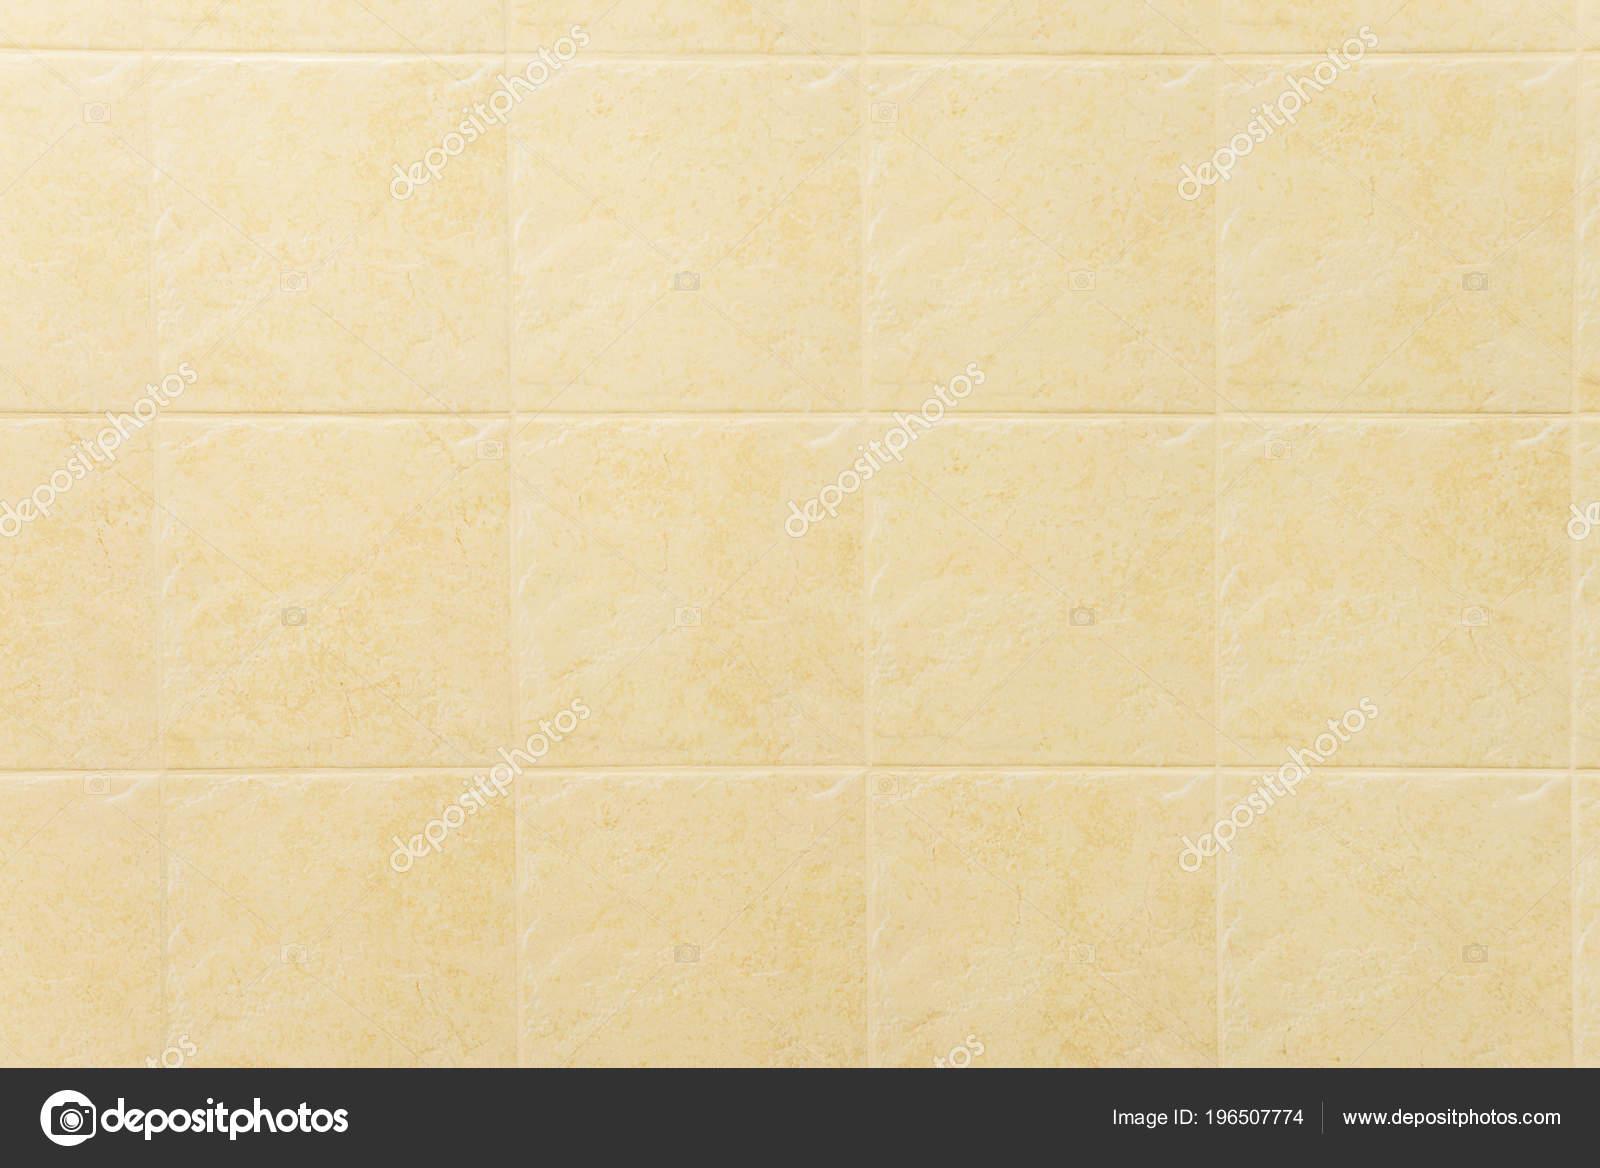 Hintergrund Der Beige Fliesen Mit Abstrakten Muster Für Bad Und U2014 Stockfoto